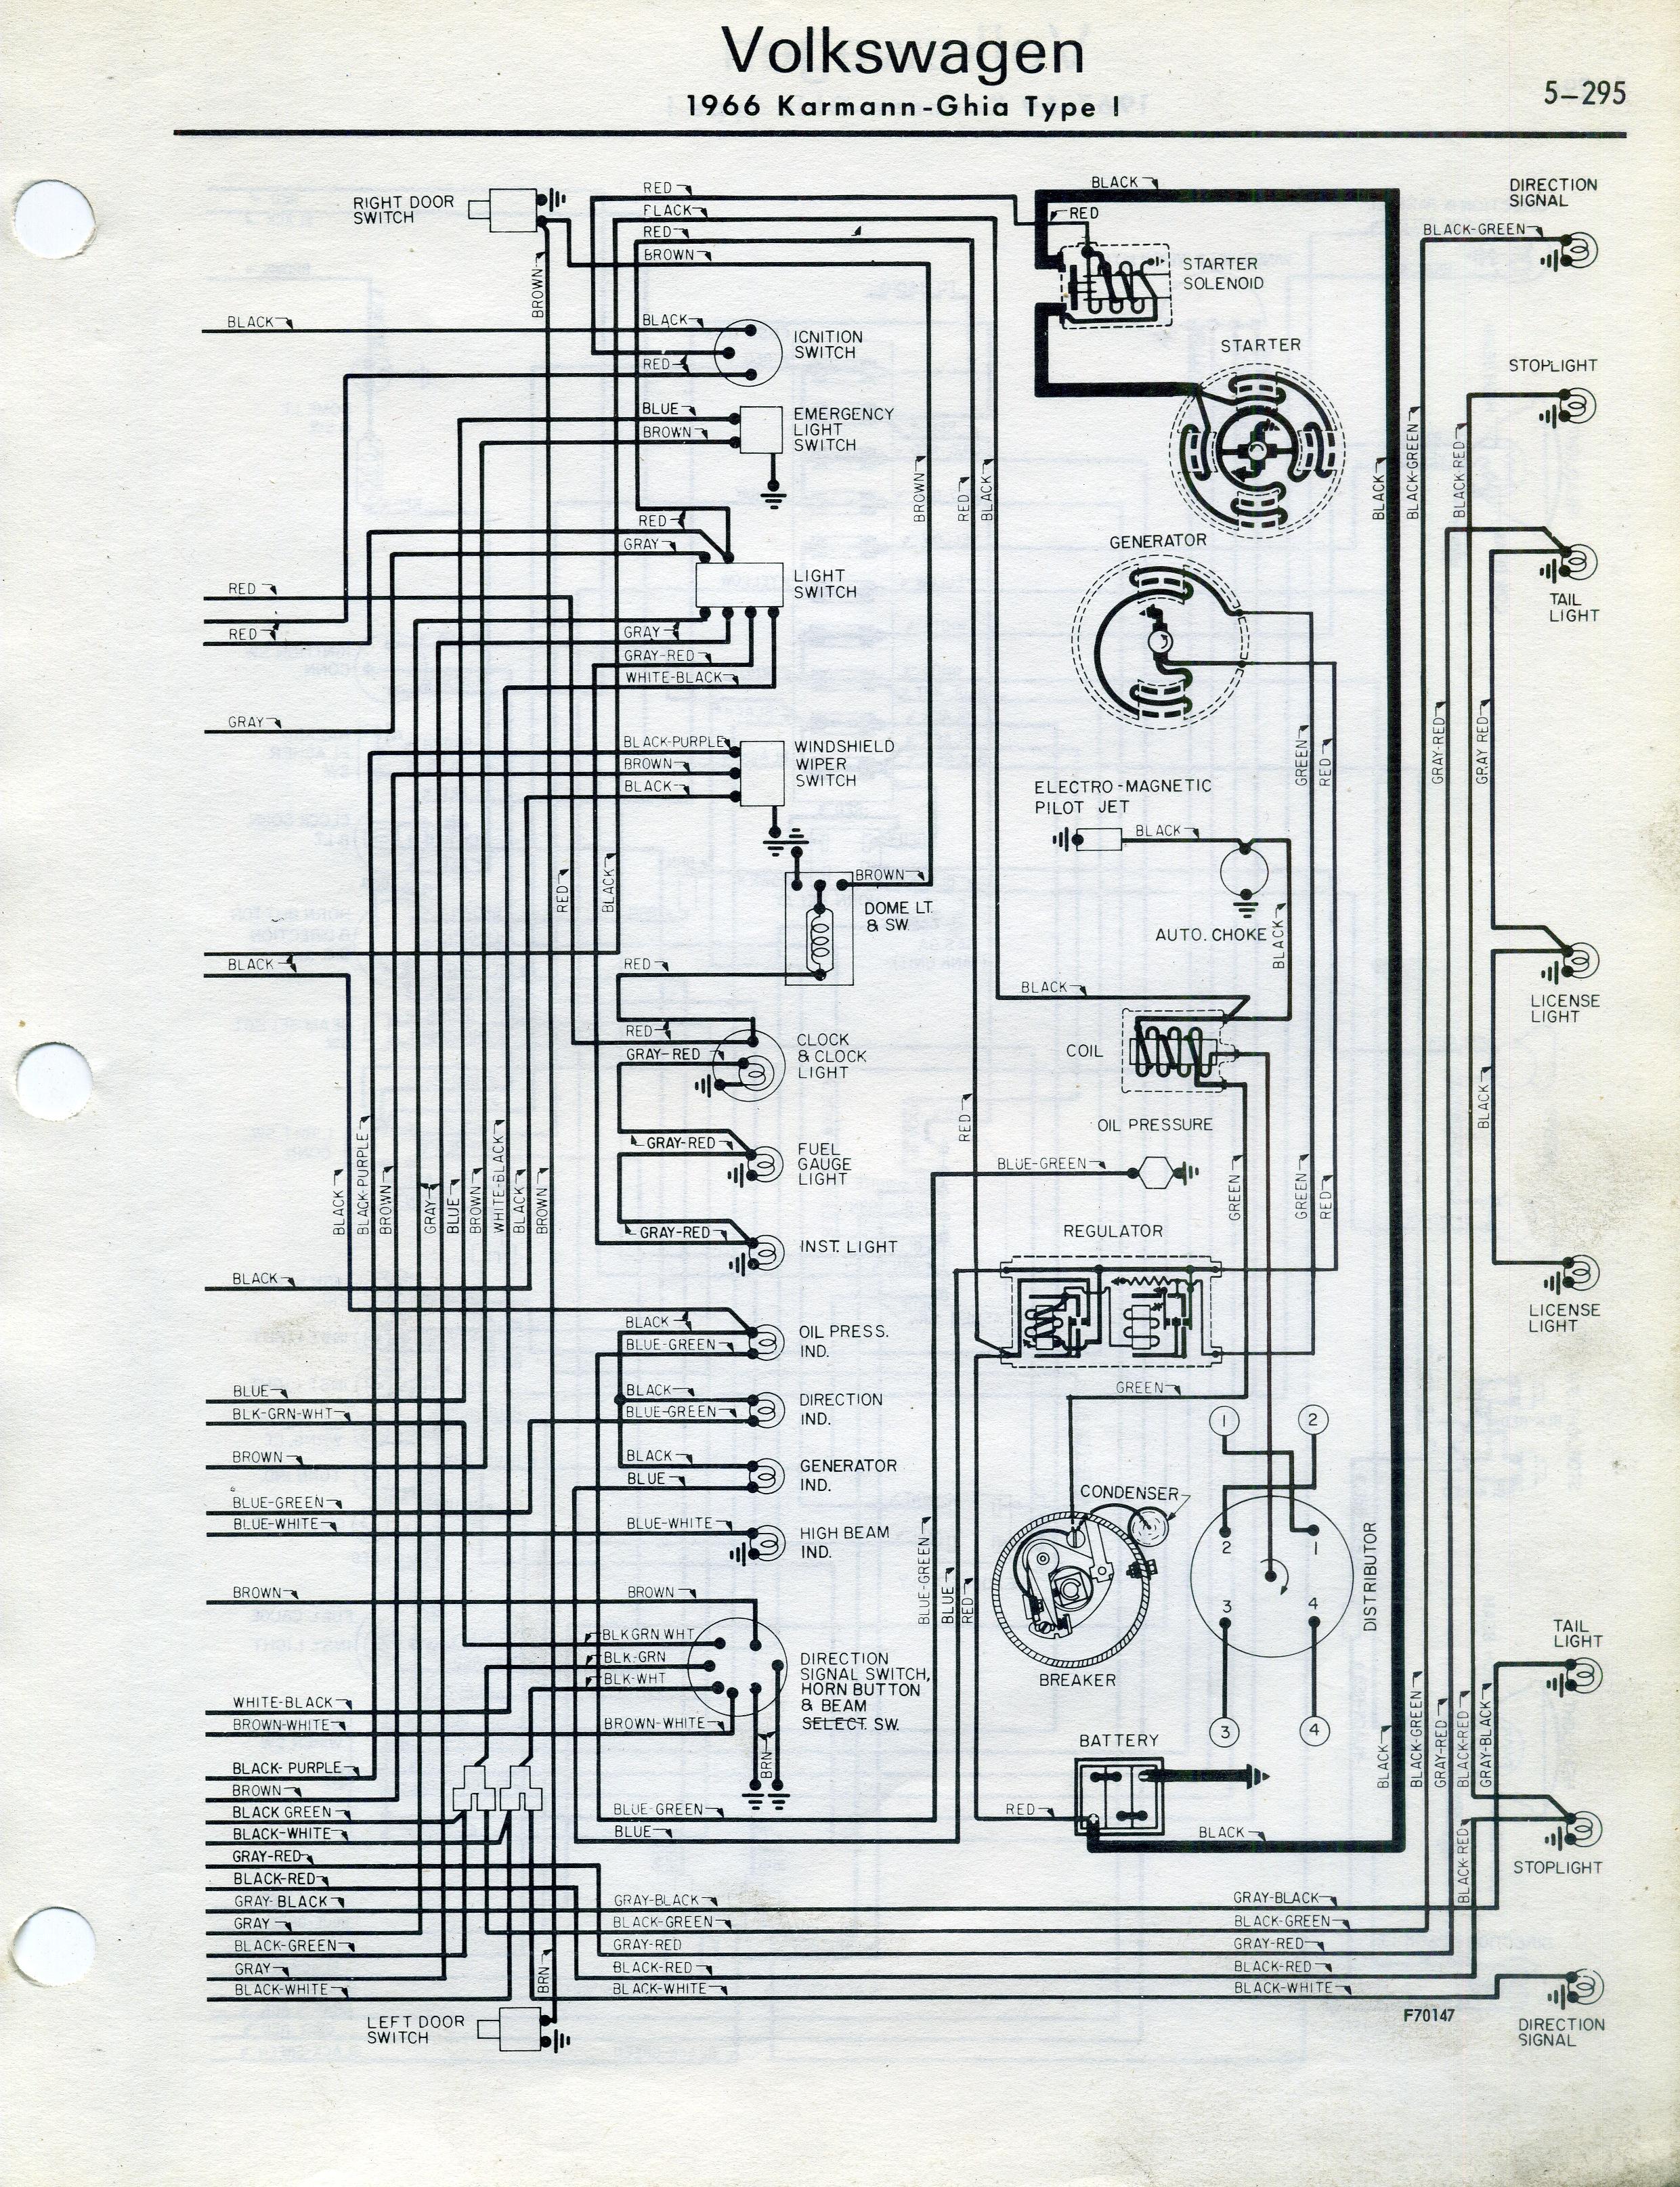 12v Alternator Wiring Diagram efcaviation – Karmann Ghias For Wiring Diagrams